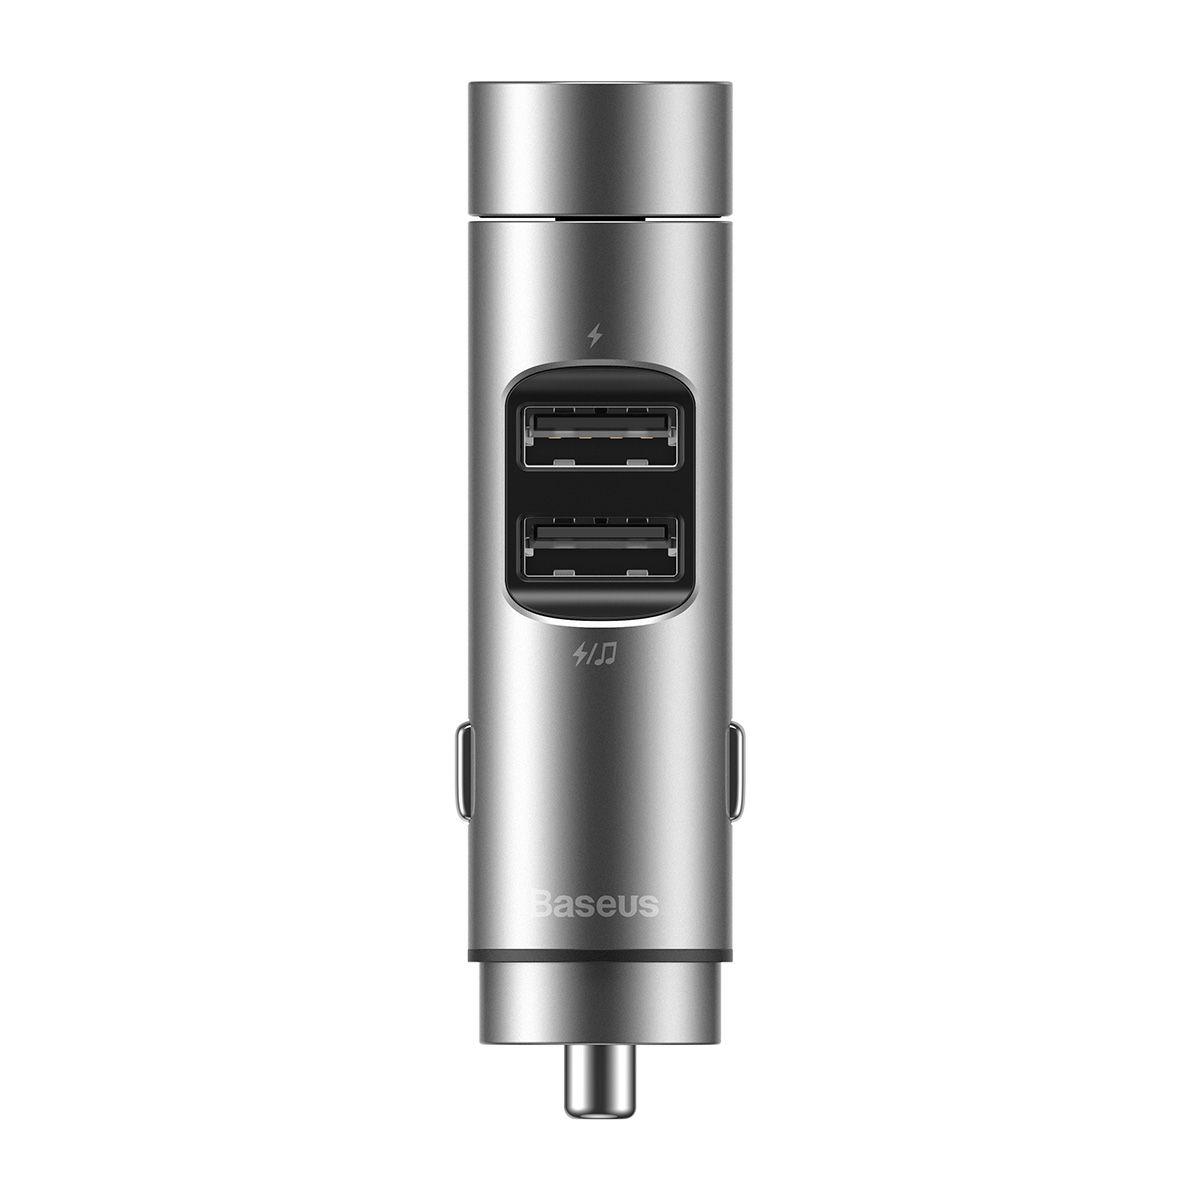 Carregador Veicular com MP3 Bluetooth 5.0 Baseus Column Car 5V 3.1A